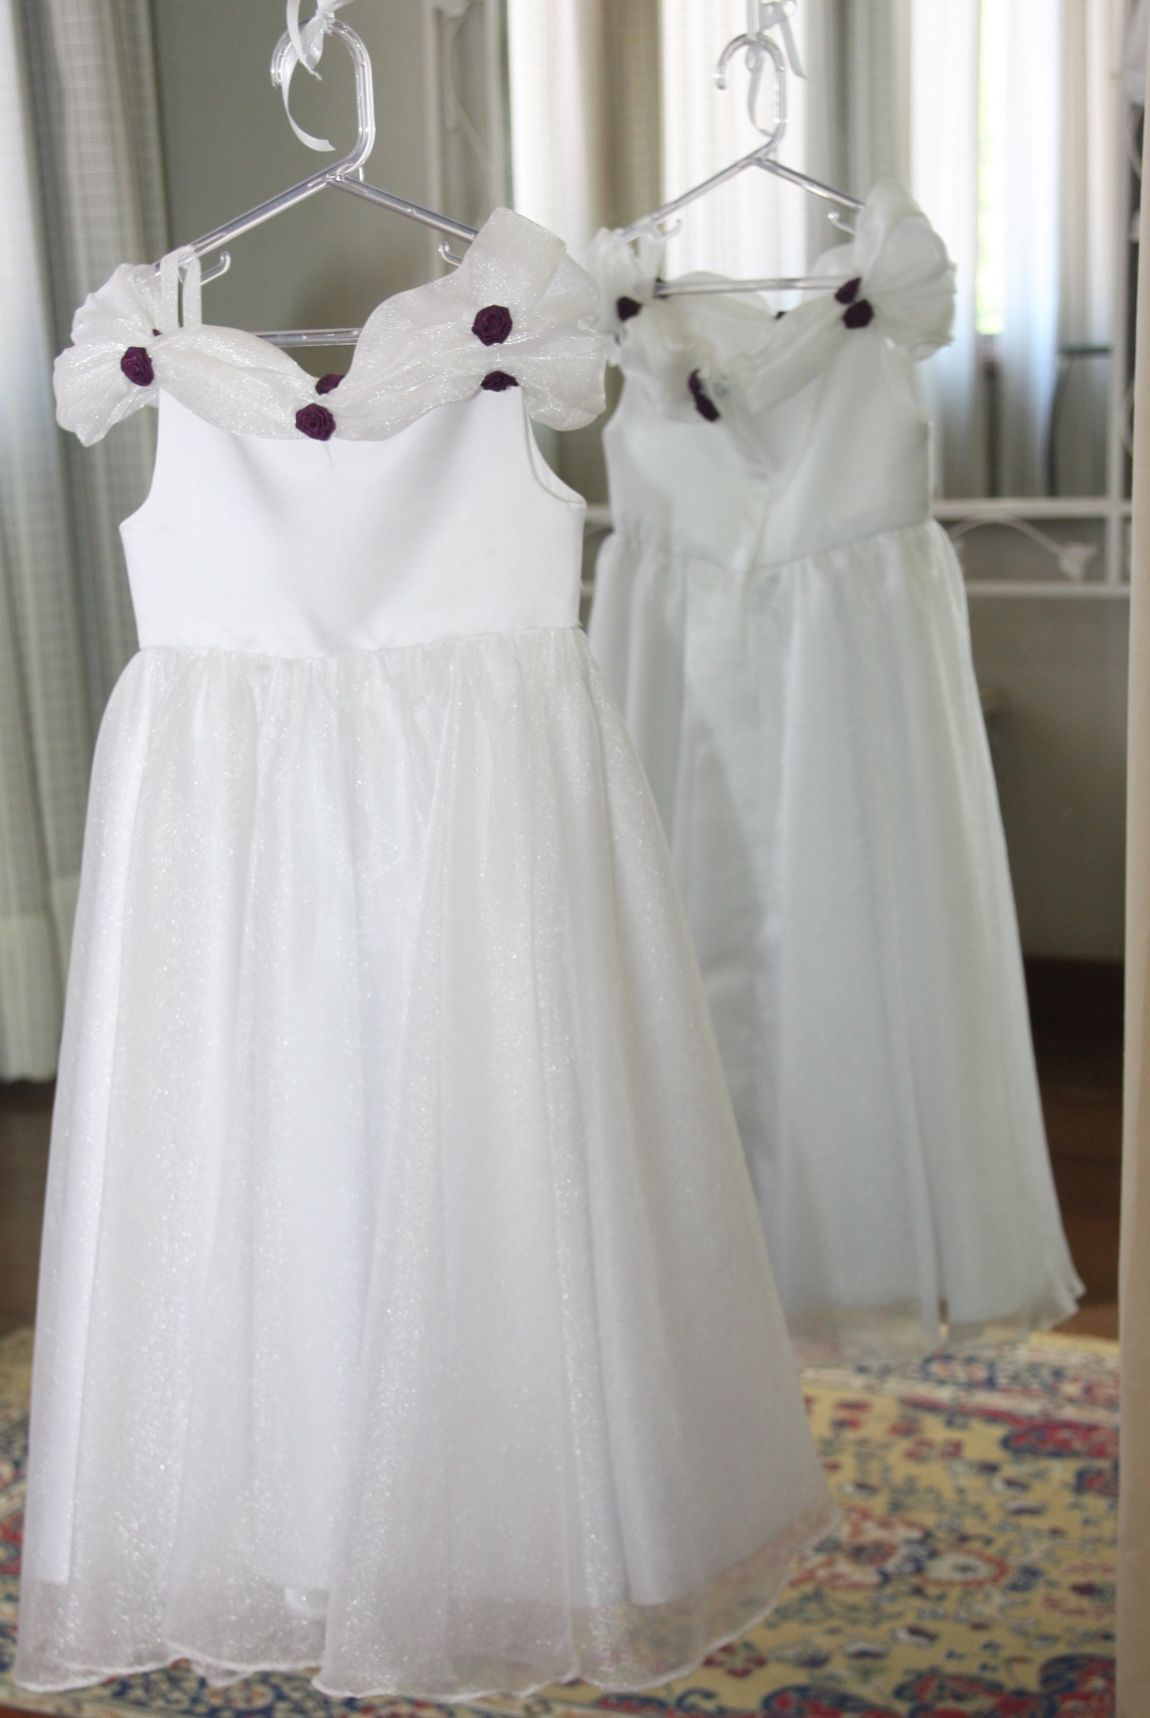 Vestidos para Daminha - 132 - Hipnose Alta Costura e Spa para Noivas e Noivos - Campinas - SP Vestido de Daminha, Vestido para Daminha de Casamento, Hipnose Alta Costura